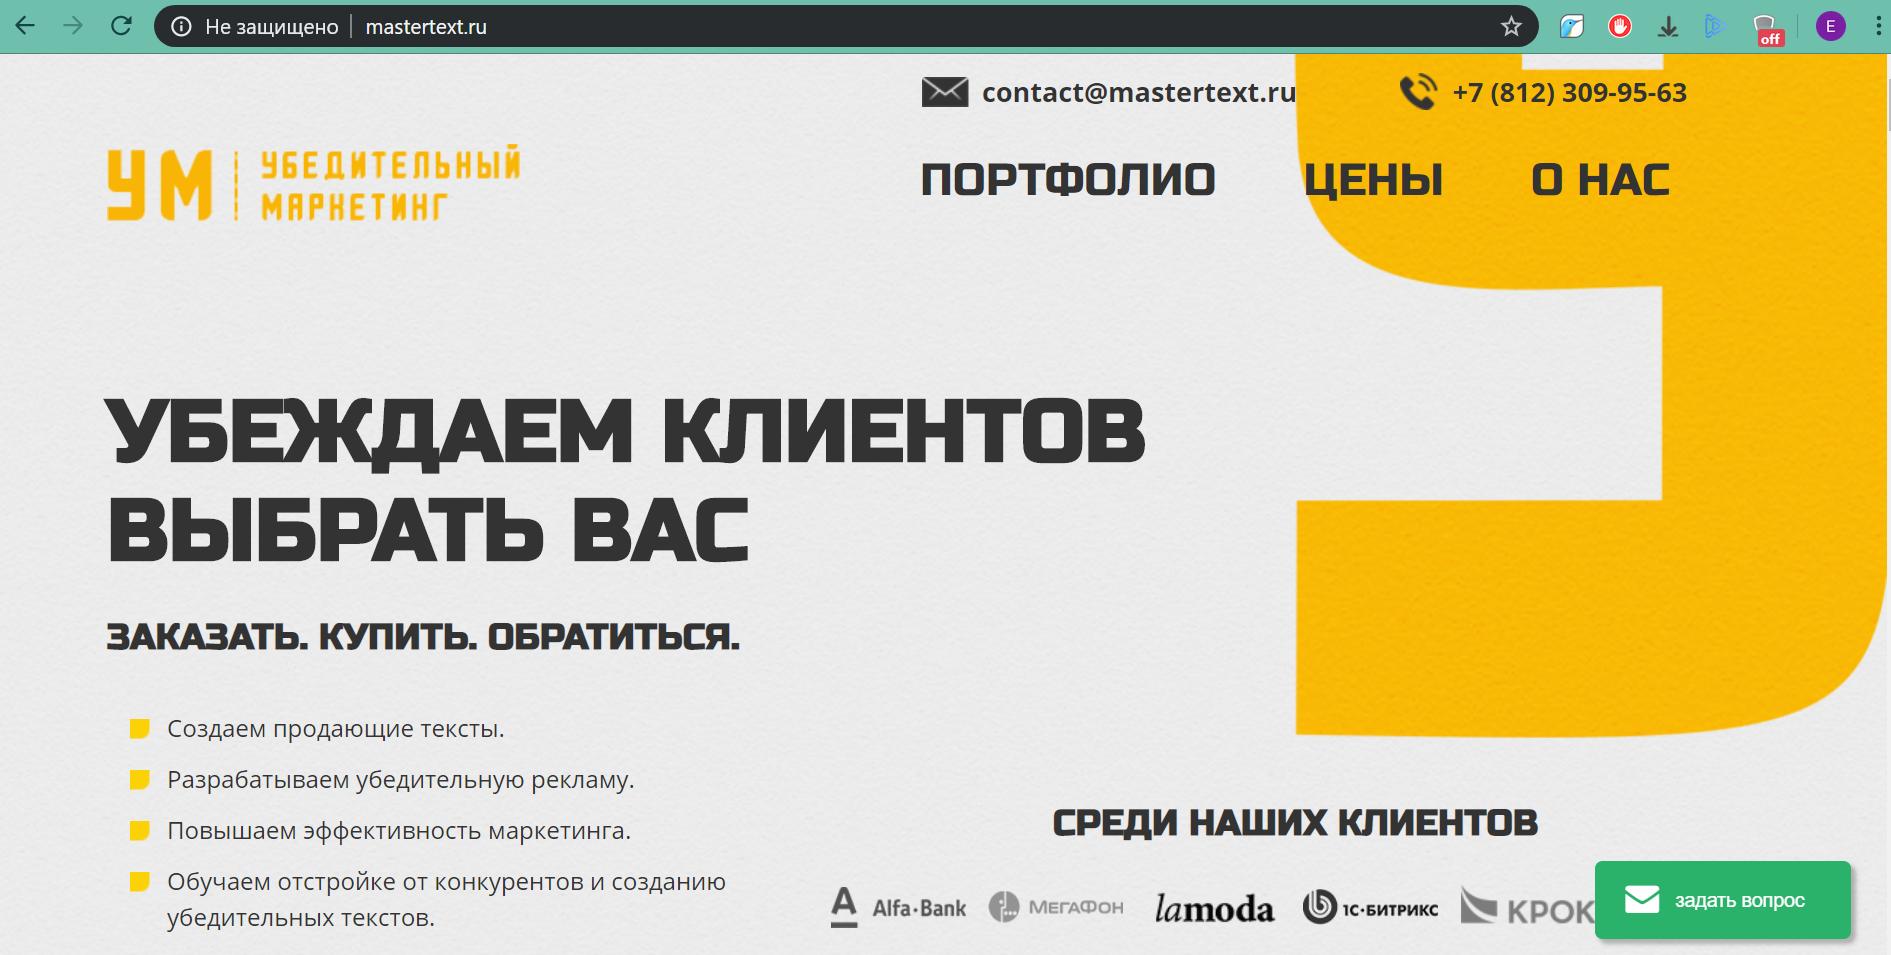 Скрин сайта Дмитрия Кота